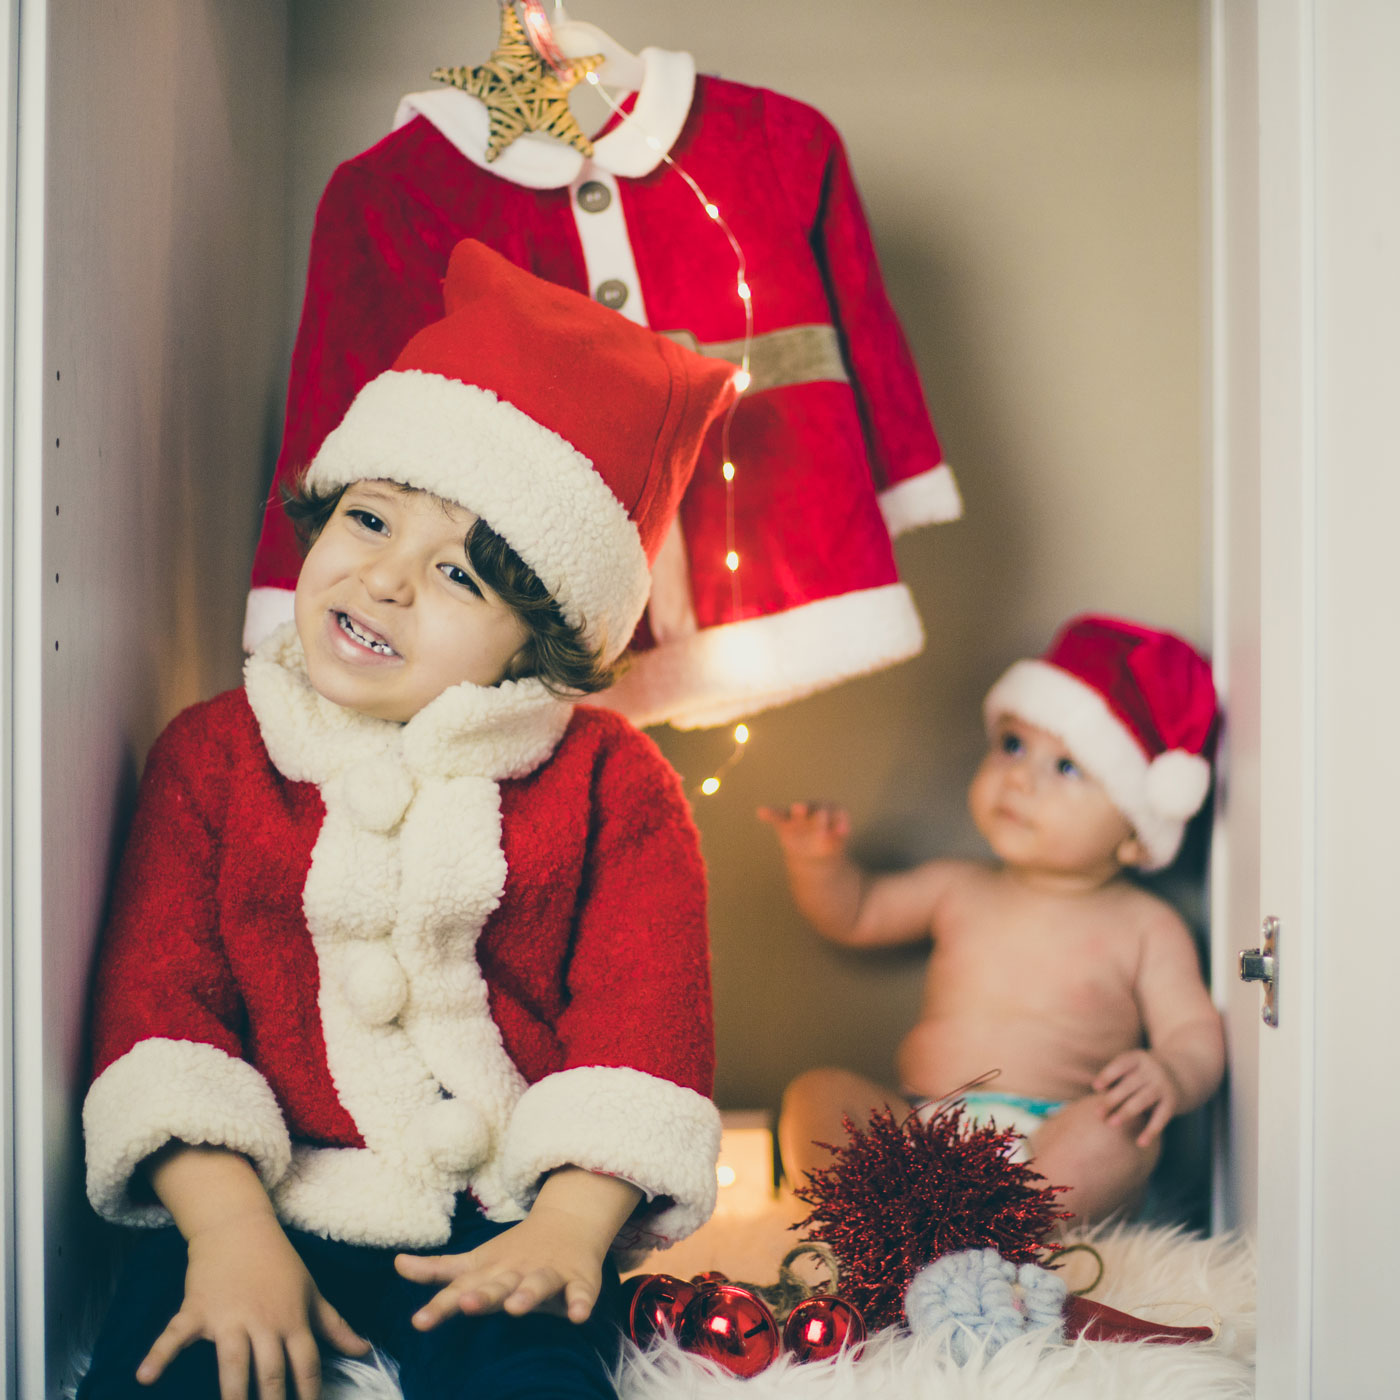 foto de navidad para felicitar a amigos y familia